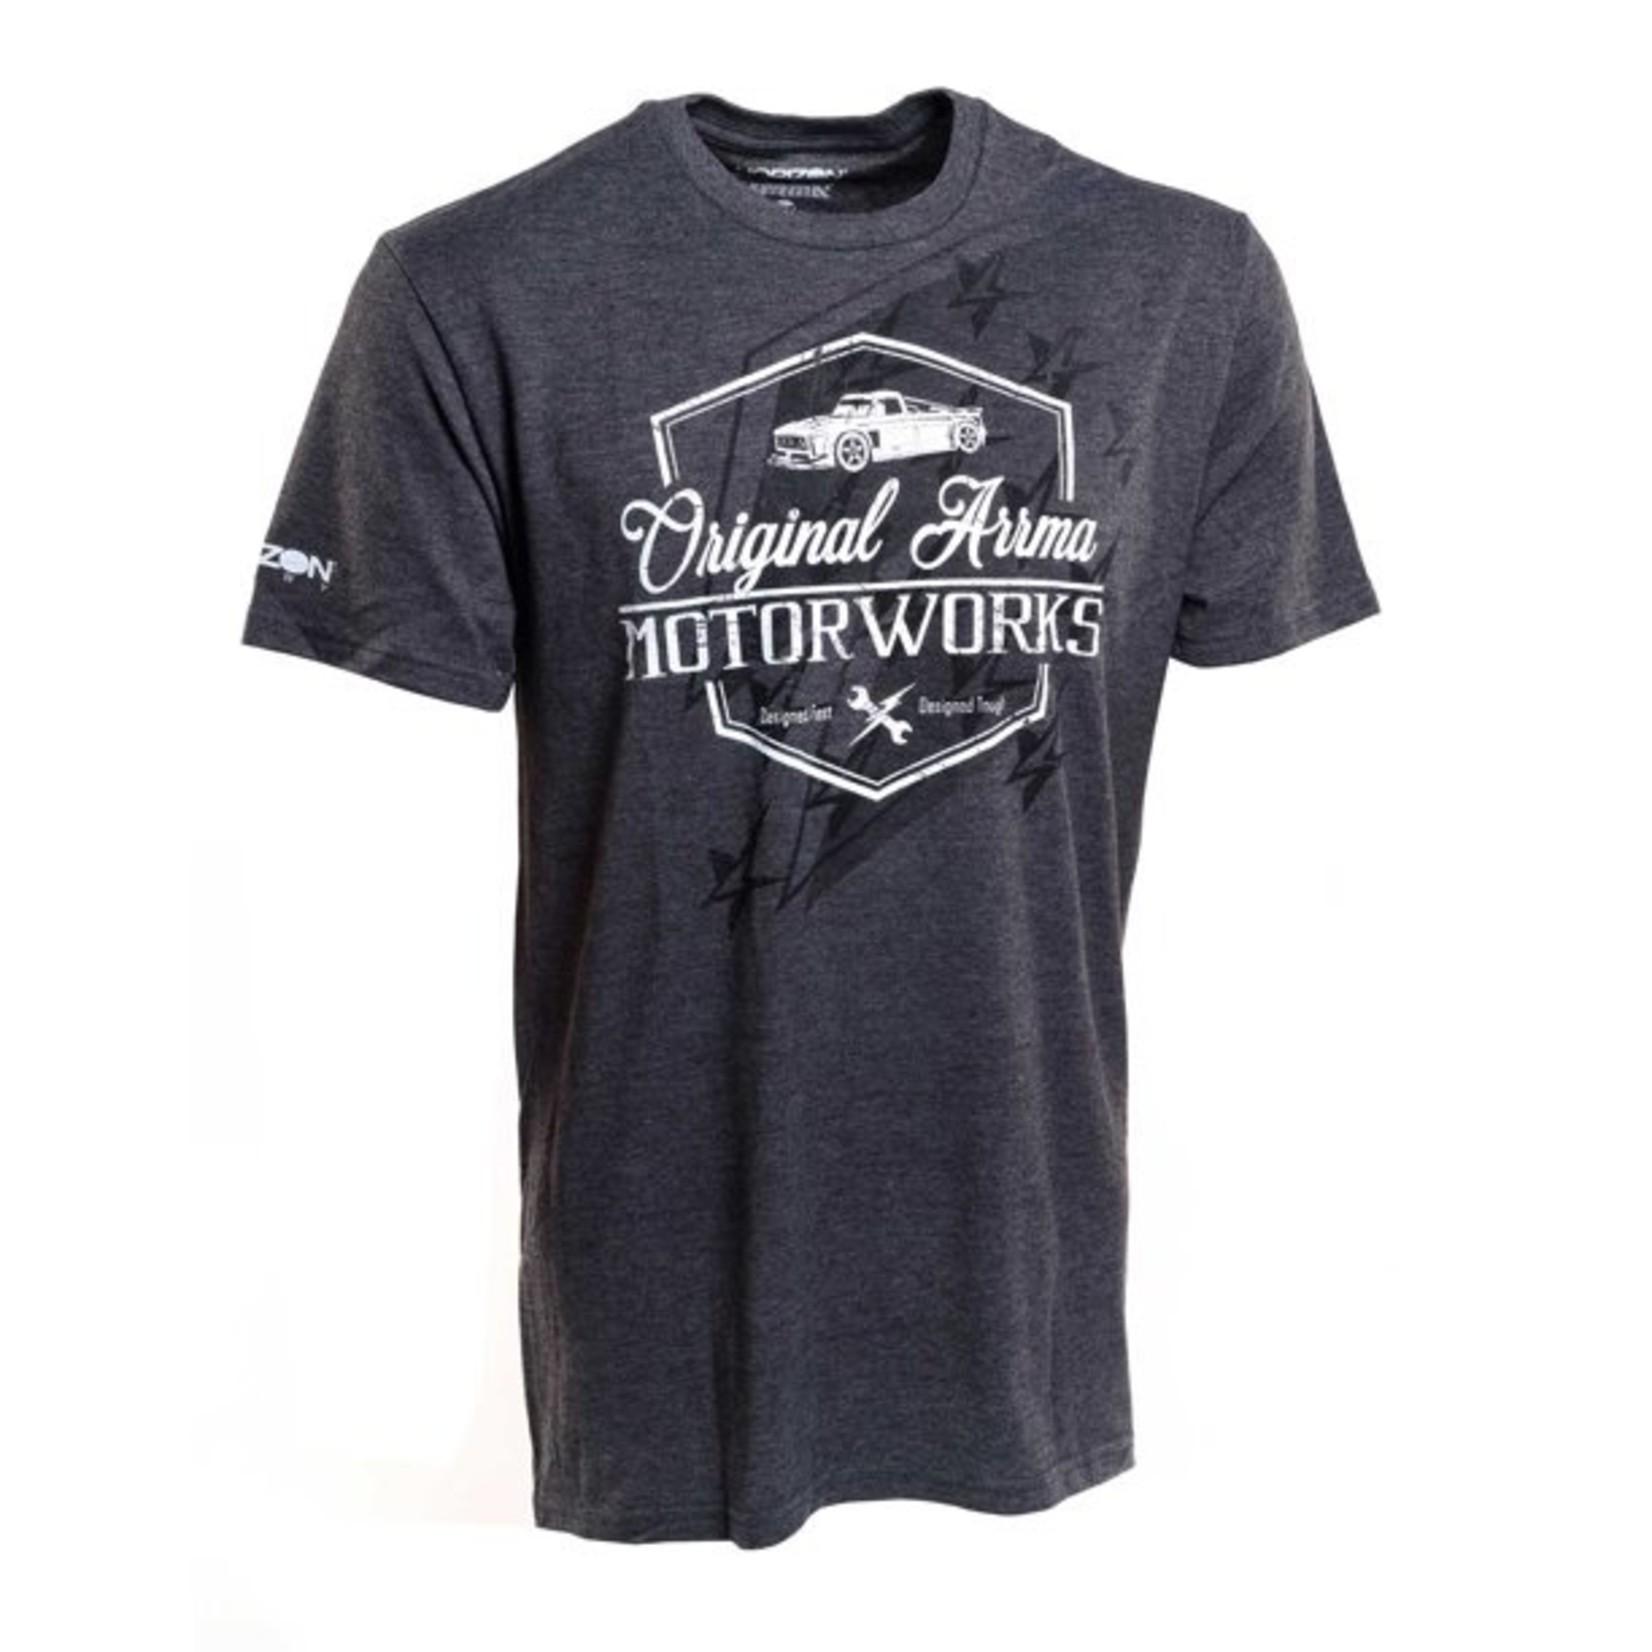 ARRMA ARAZ0025XL ARRMA Motorworks T-Shirt XL